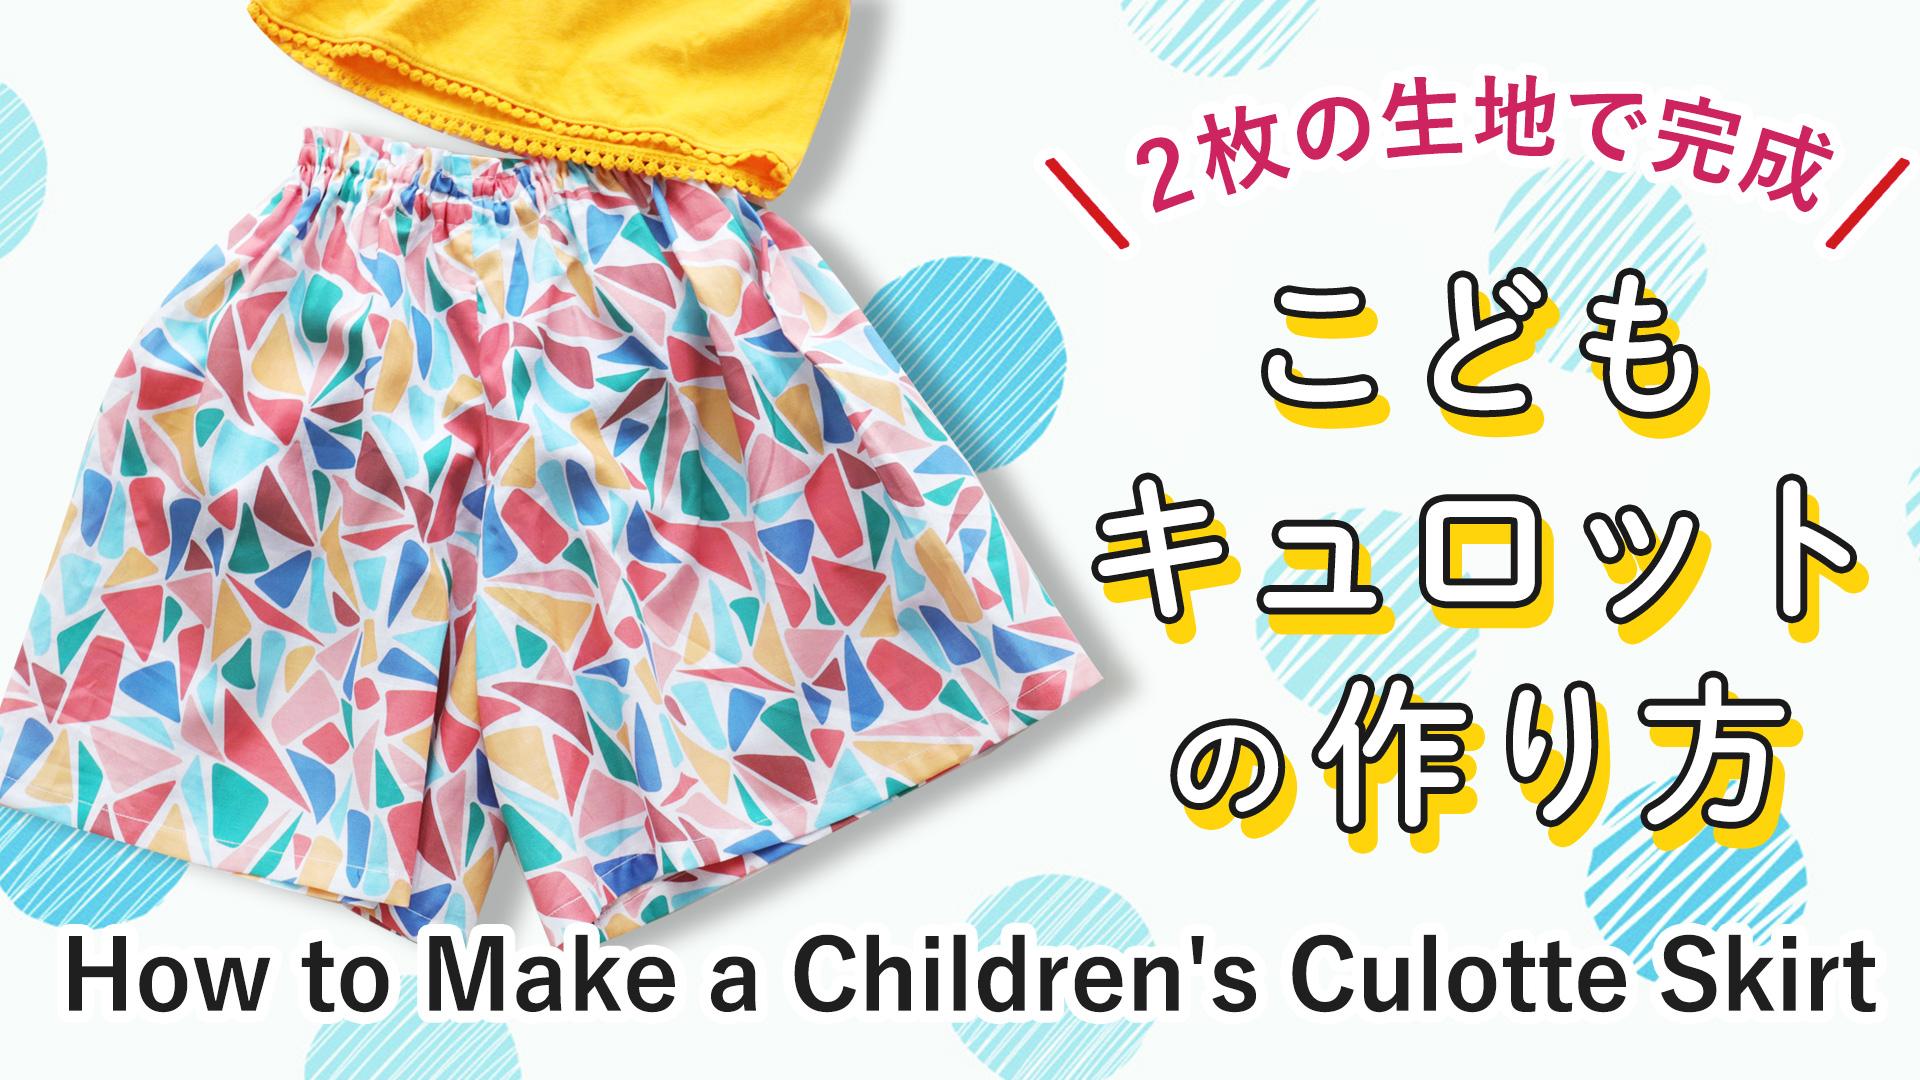 【YouTube】【型紙不要】買うより早い!子どもキュロットスカートの作り方